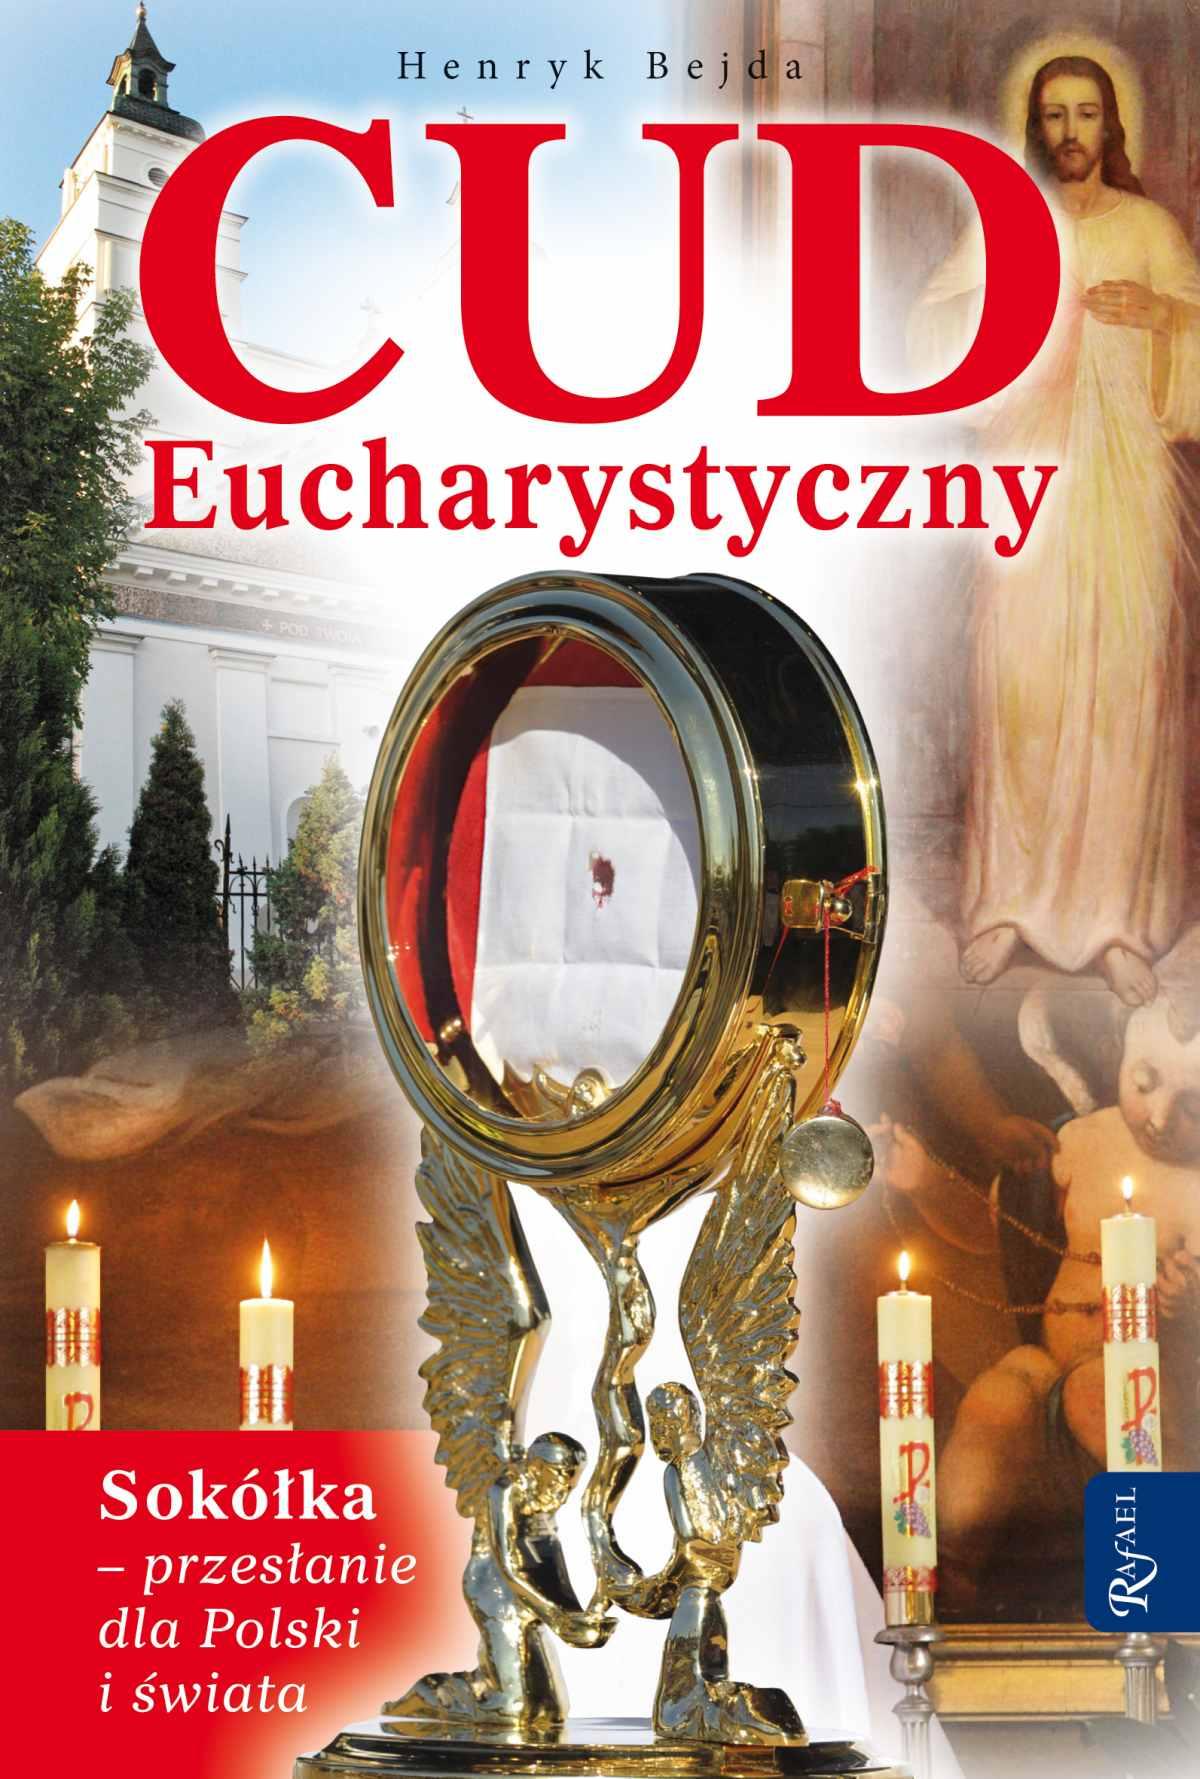 Cud Eucharystyczny. Sokółka - przesłanie dla Polski i świata - Ebook (Książka na Kindle) do pobrania w formacie MOBI